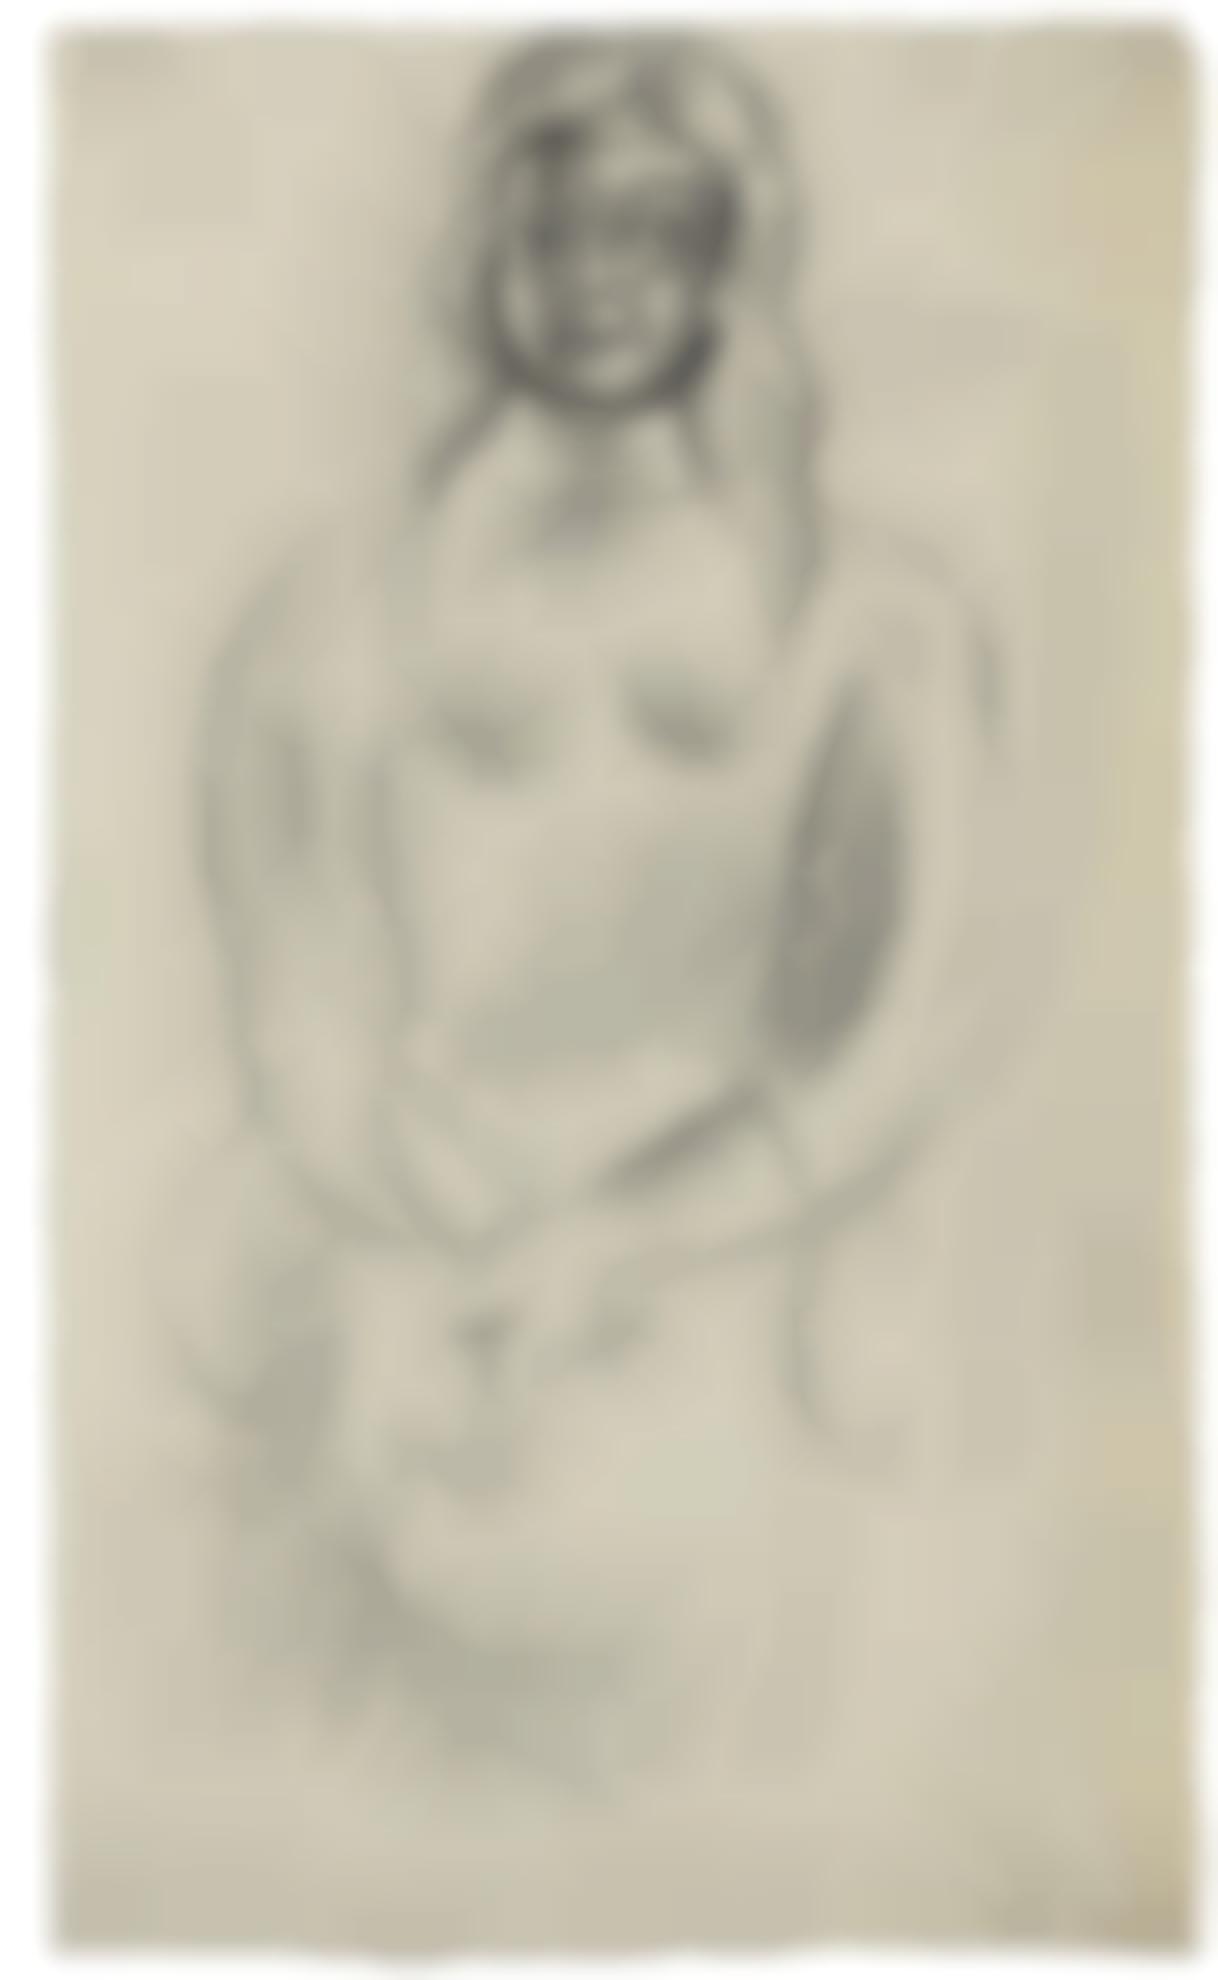 Pablo Picasso-Jeune Fille Assise Avec Un Livre (Recto) & Etude Dun Nu Debout (Verso): A Double-Sided Work-1916